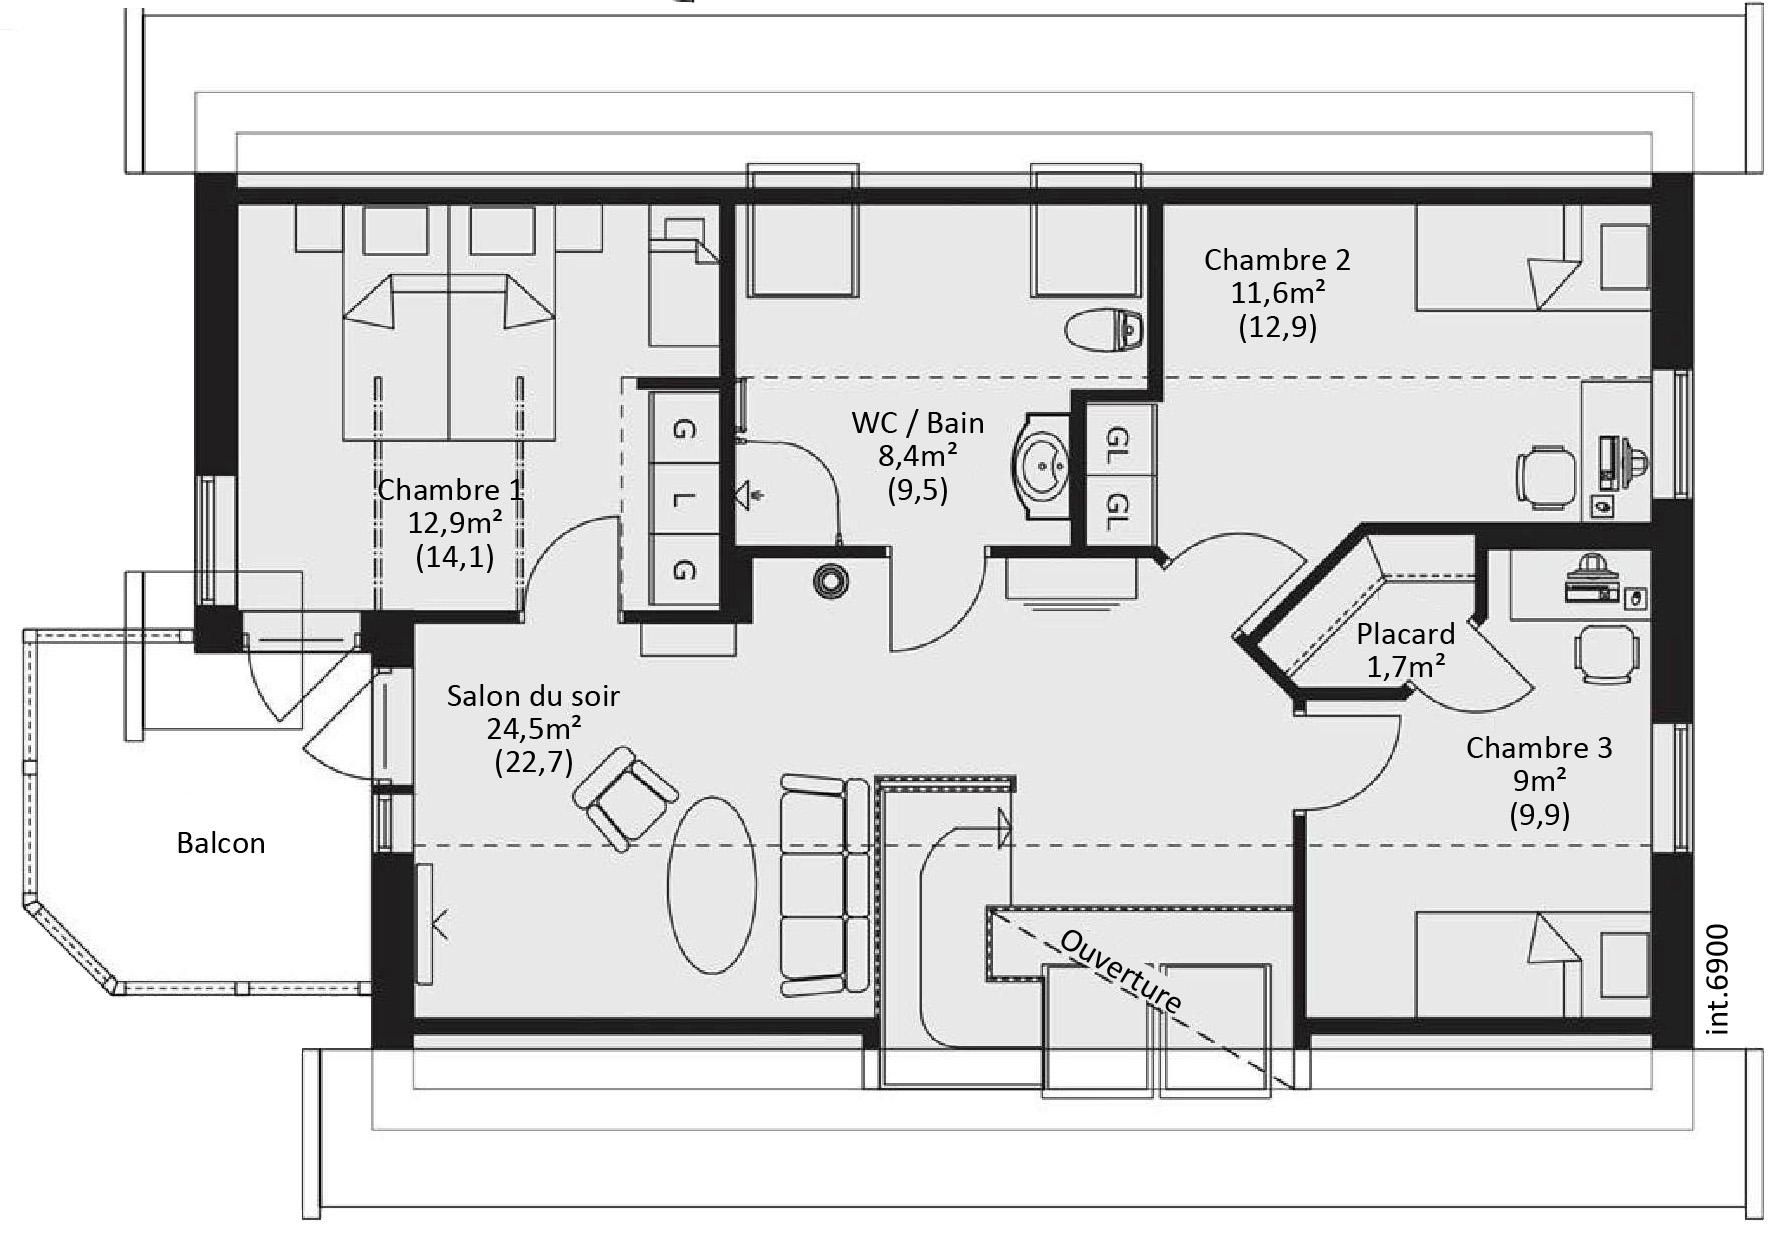 Plan de maison bois sur pilotis - Idées de travaux